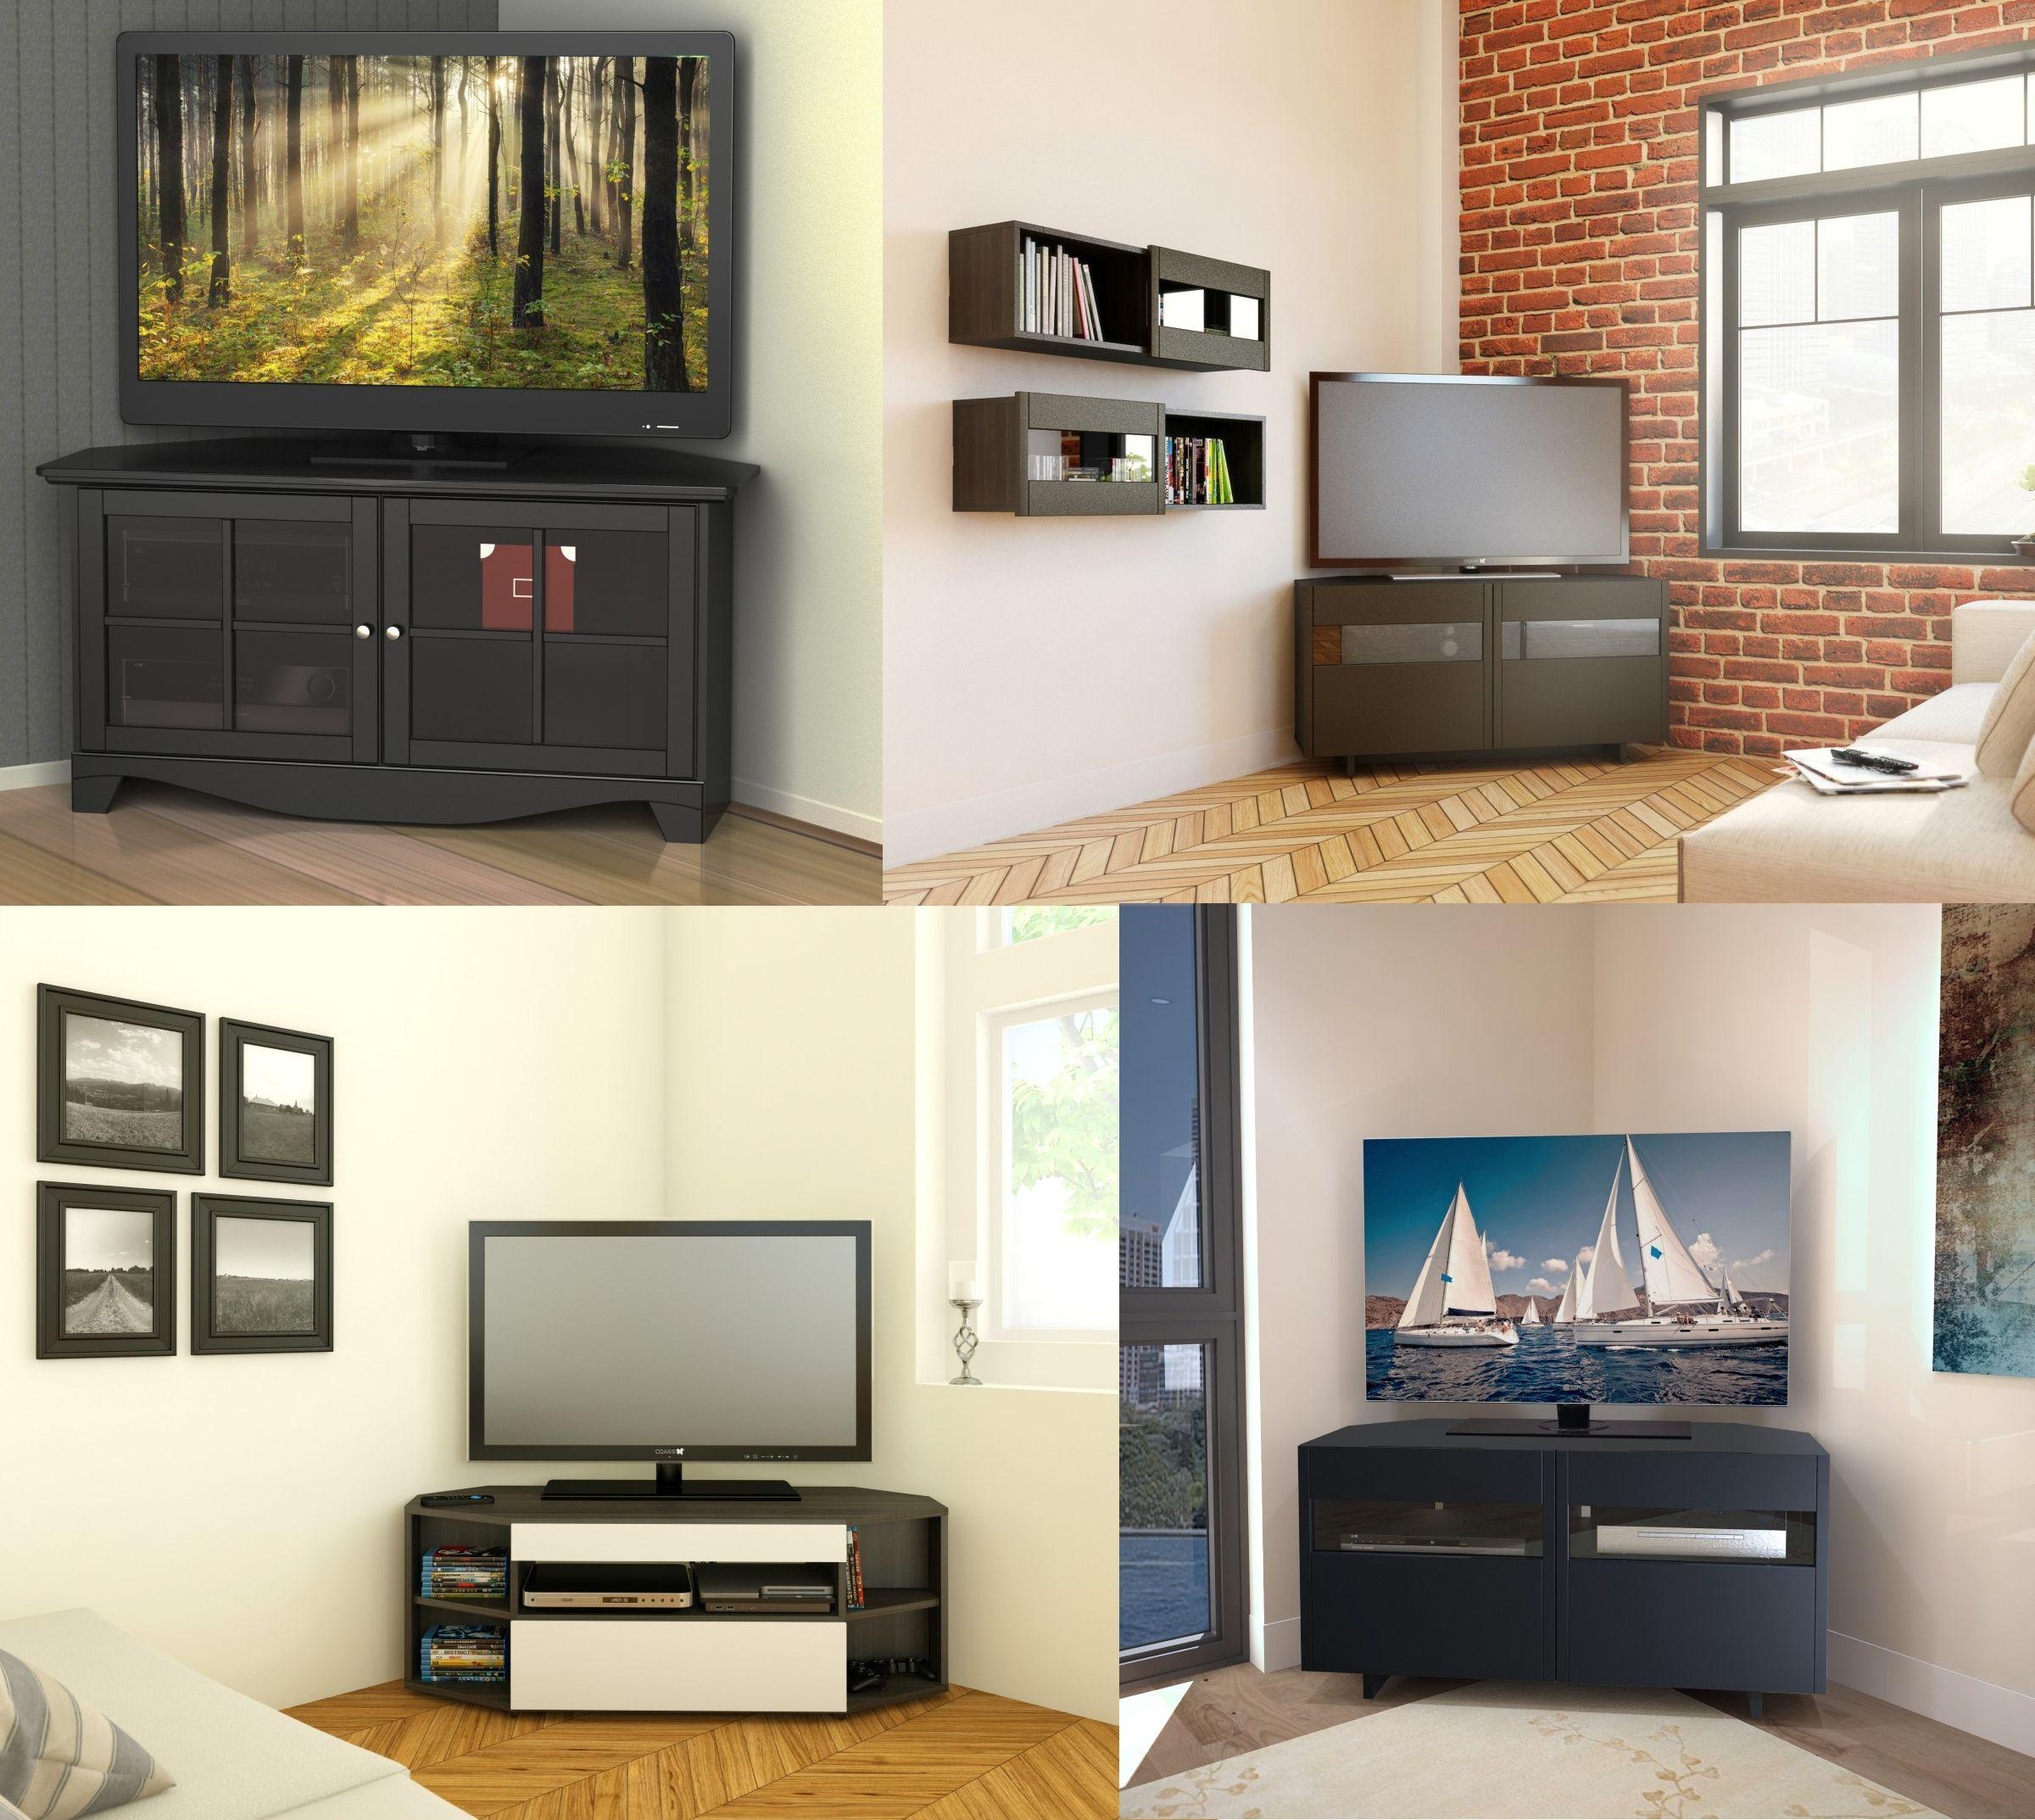 étourdissant meuble en coin tv | Décoration française | Pinterest